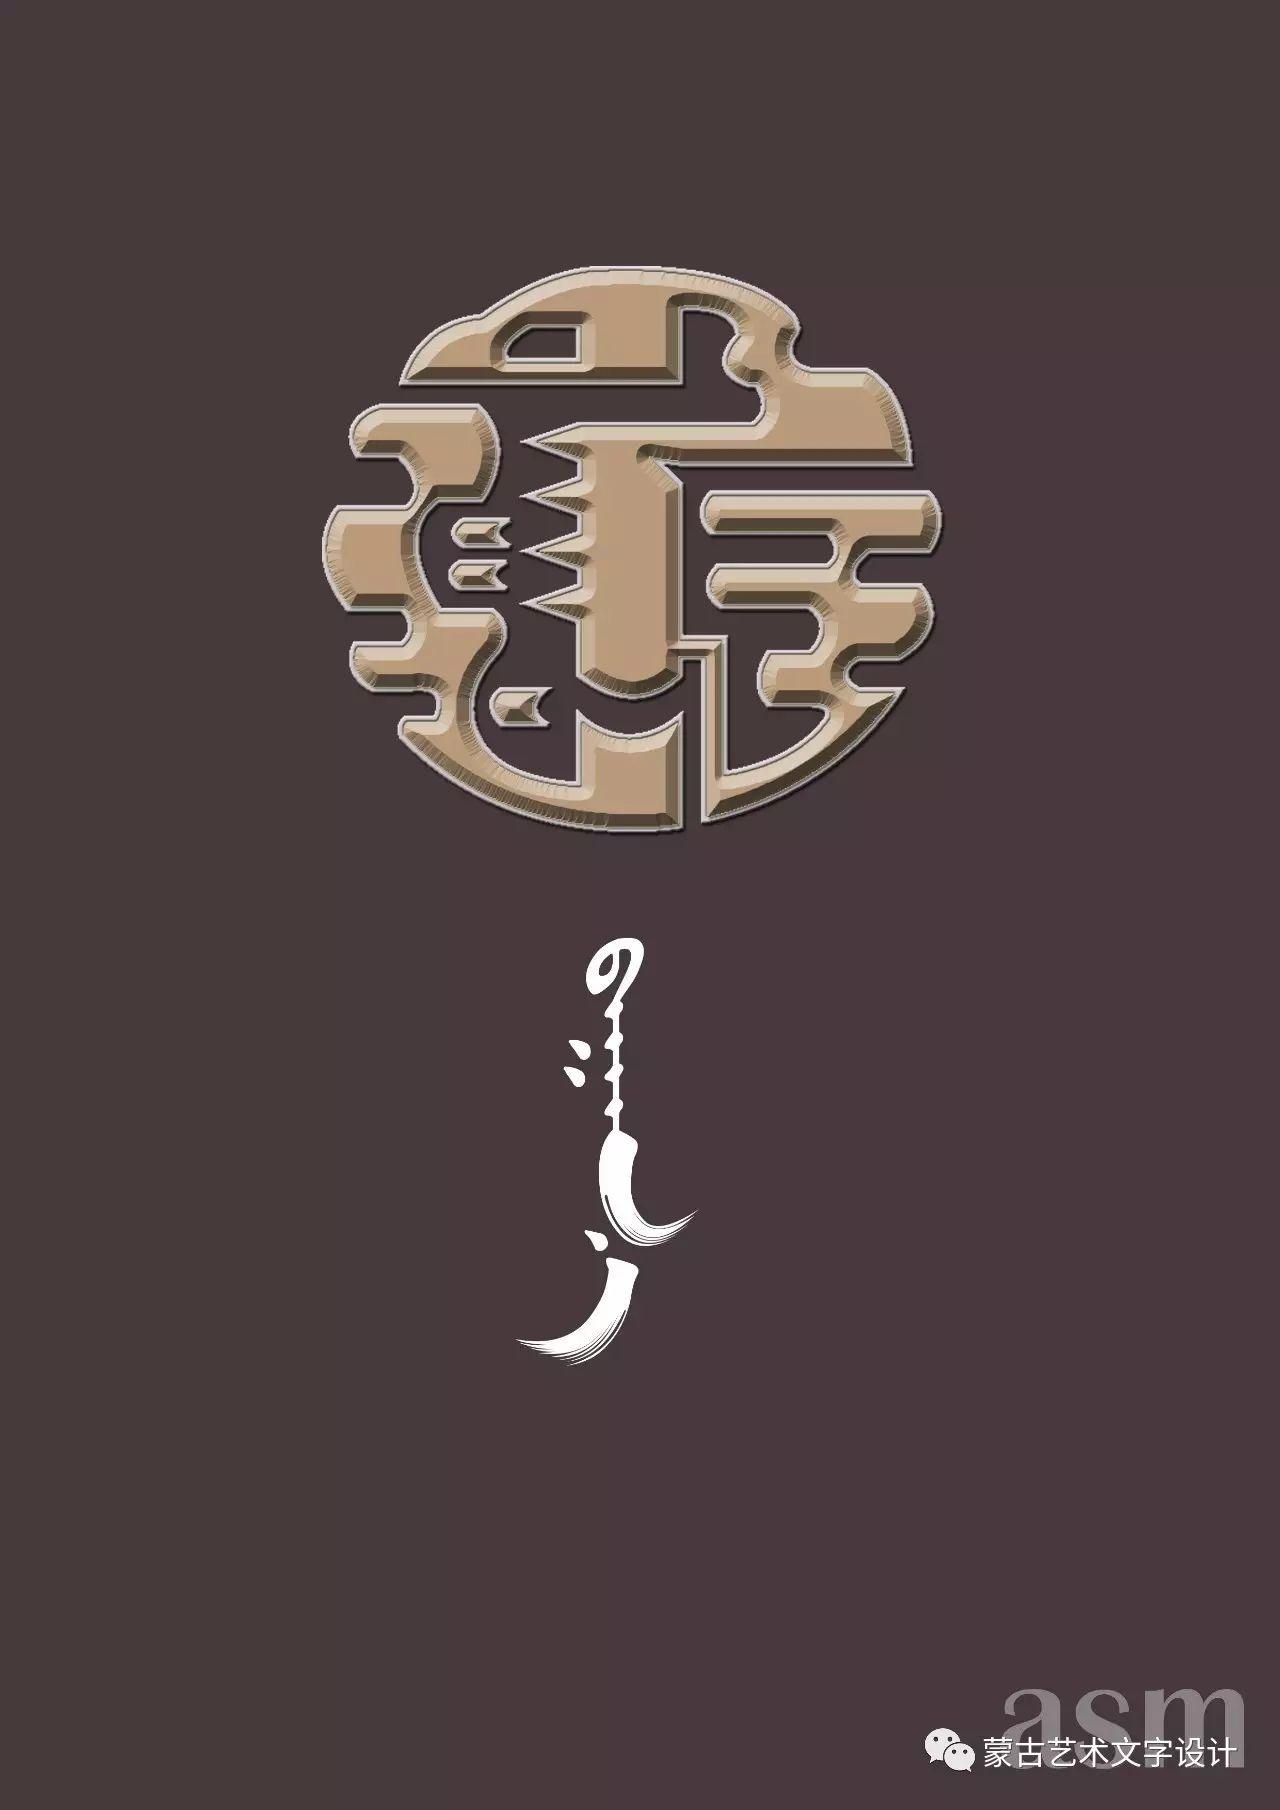 蒙古艺术文字设计 第28张